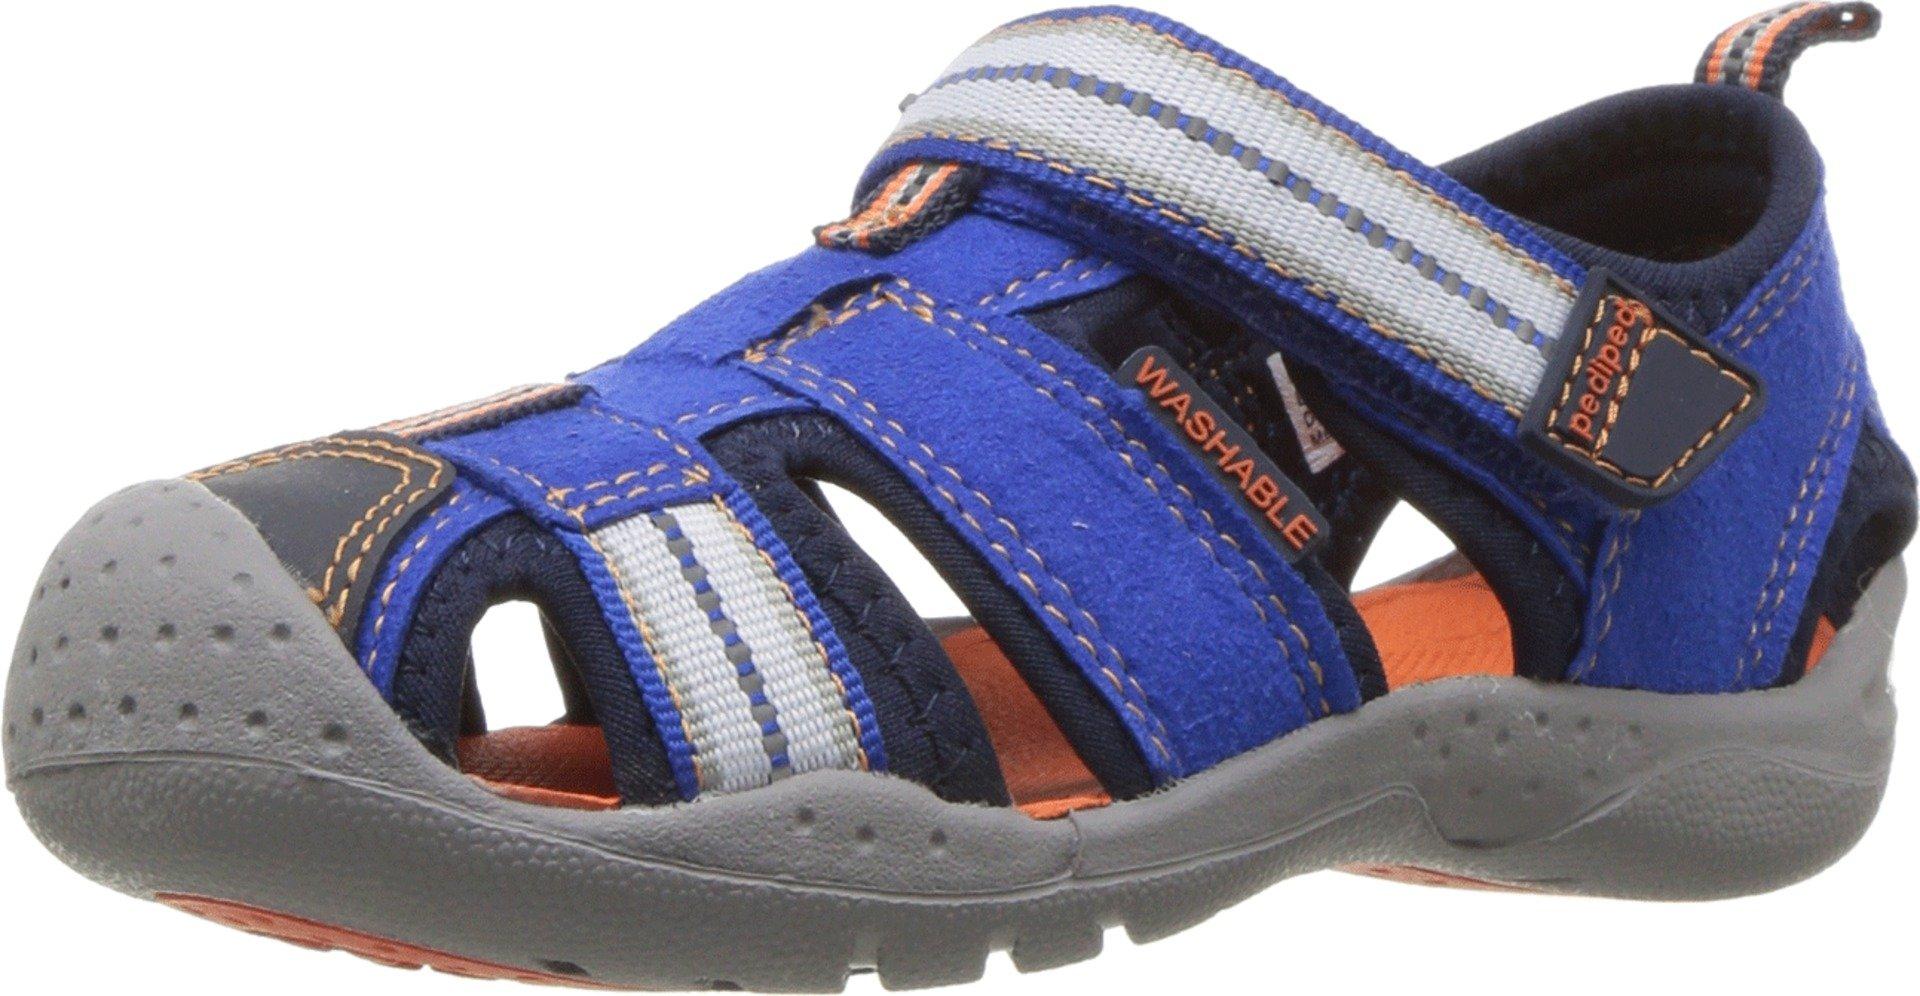 pediped Sahara Blue/Orange. Water Shoe (Toddler/Little Kid) Sandal